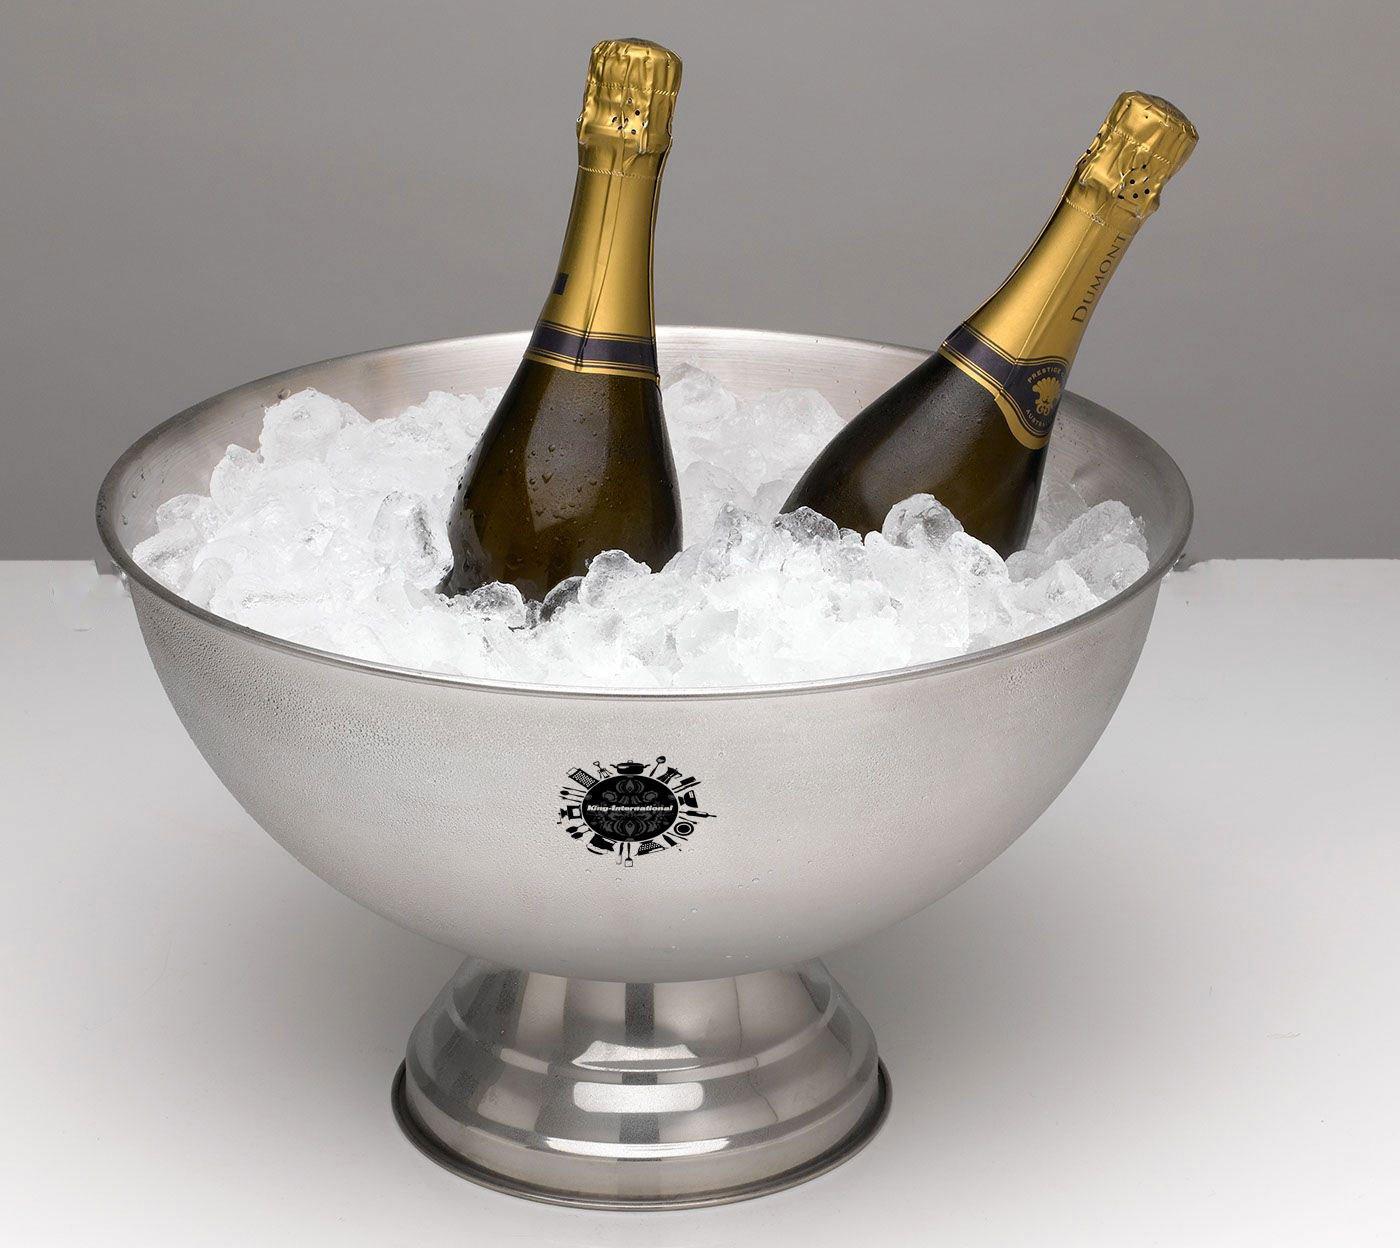 King International Stainless Steel Punch Bowl Wine Chiller | Beverage Chiller | Ice Tub - 8 L KI-DG-02